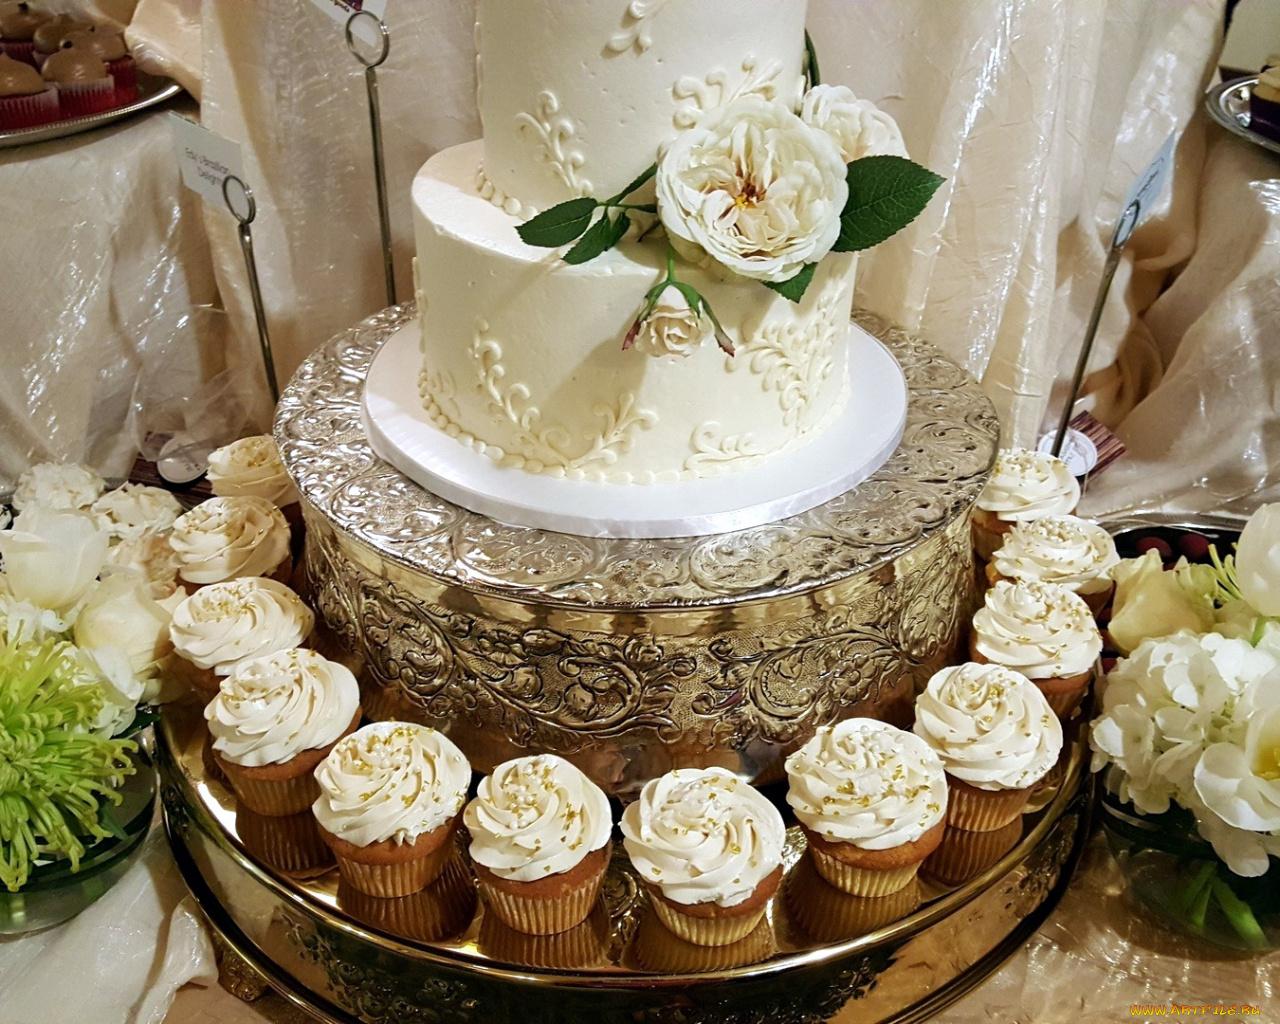 Свадебный торт  № 1408142 без смс